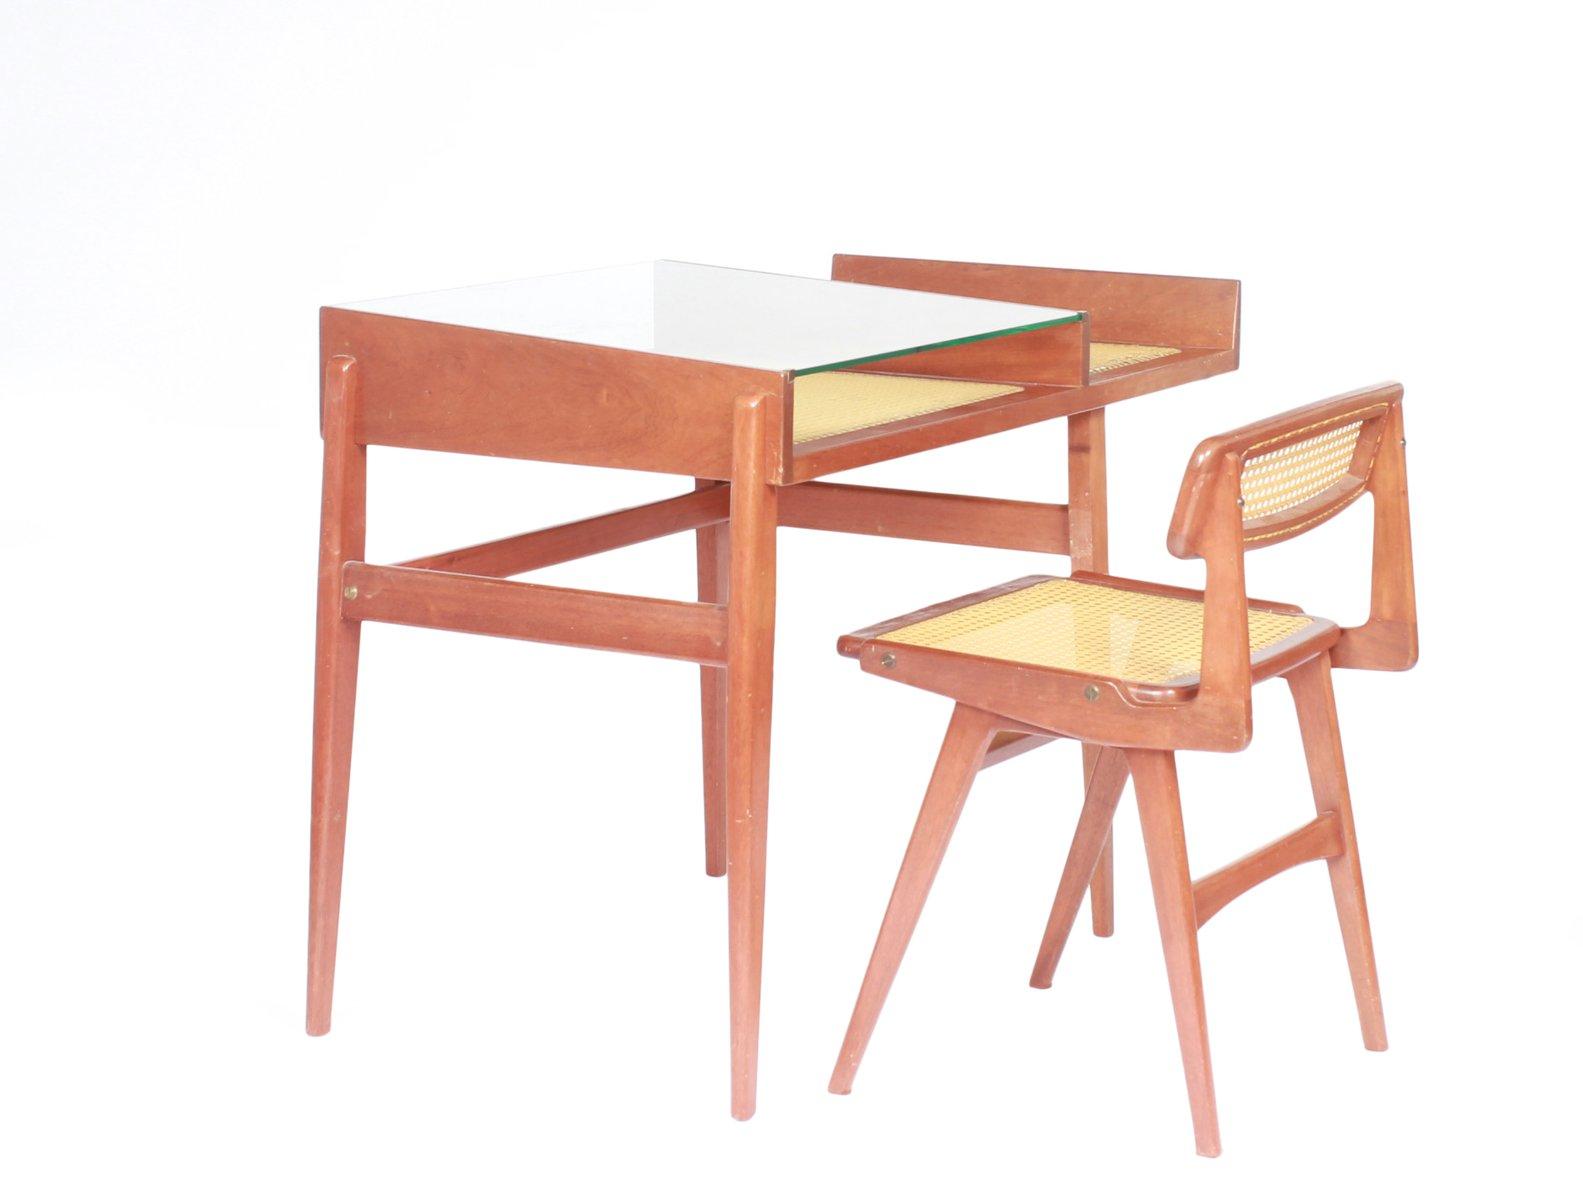 vintage schreibtisch und stuhl aus korbgeflecht von roger landault bei pamono kaufen. Black Bedroom Furniture Sets. Home Design Ideas